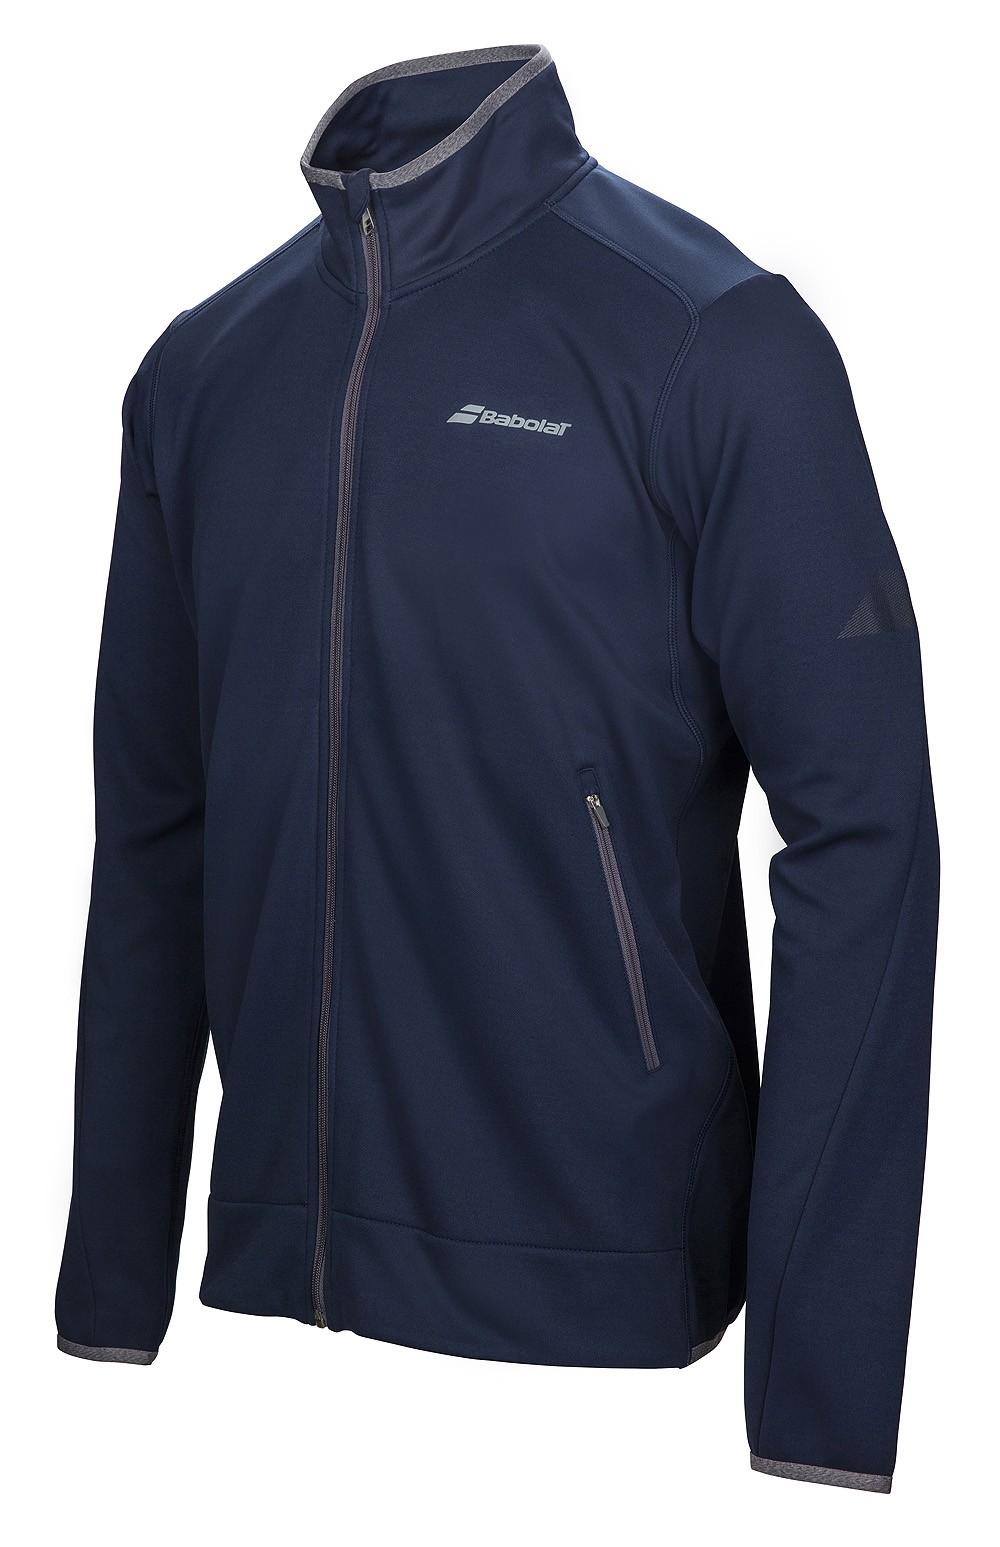 Bluza tenisowa Babolat Performance Jacket Dark Blue